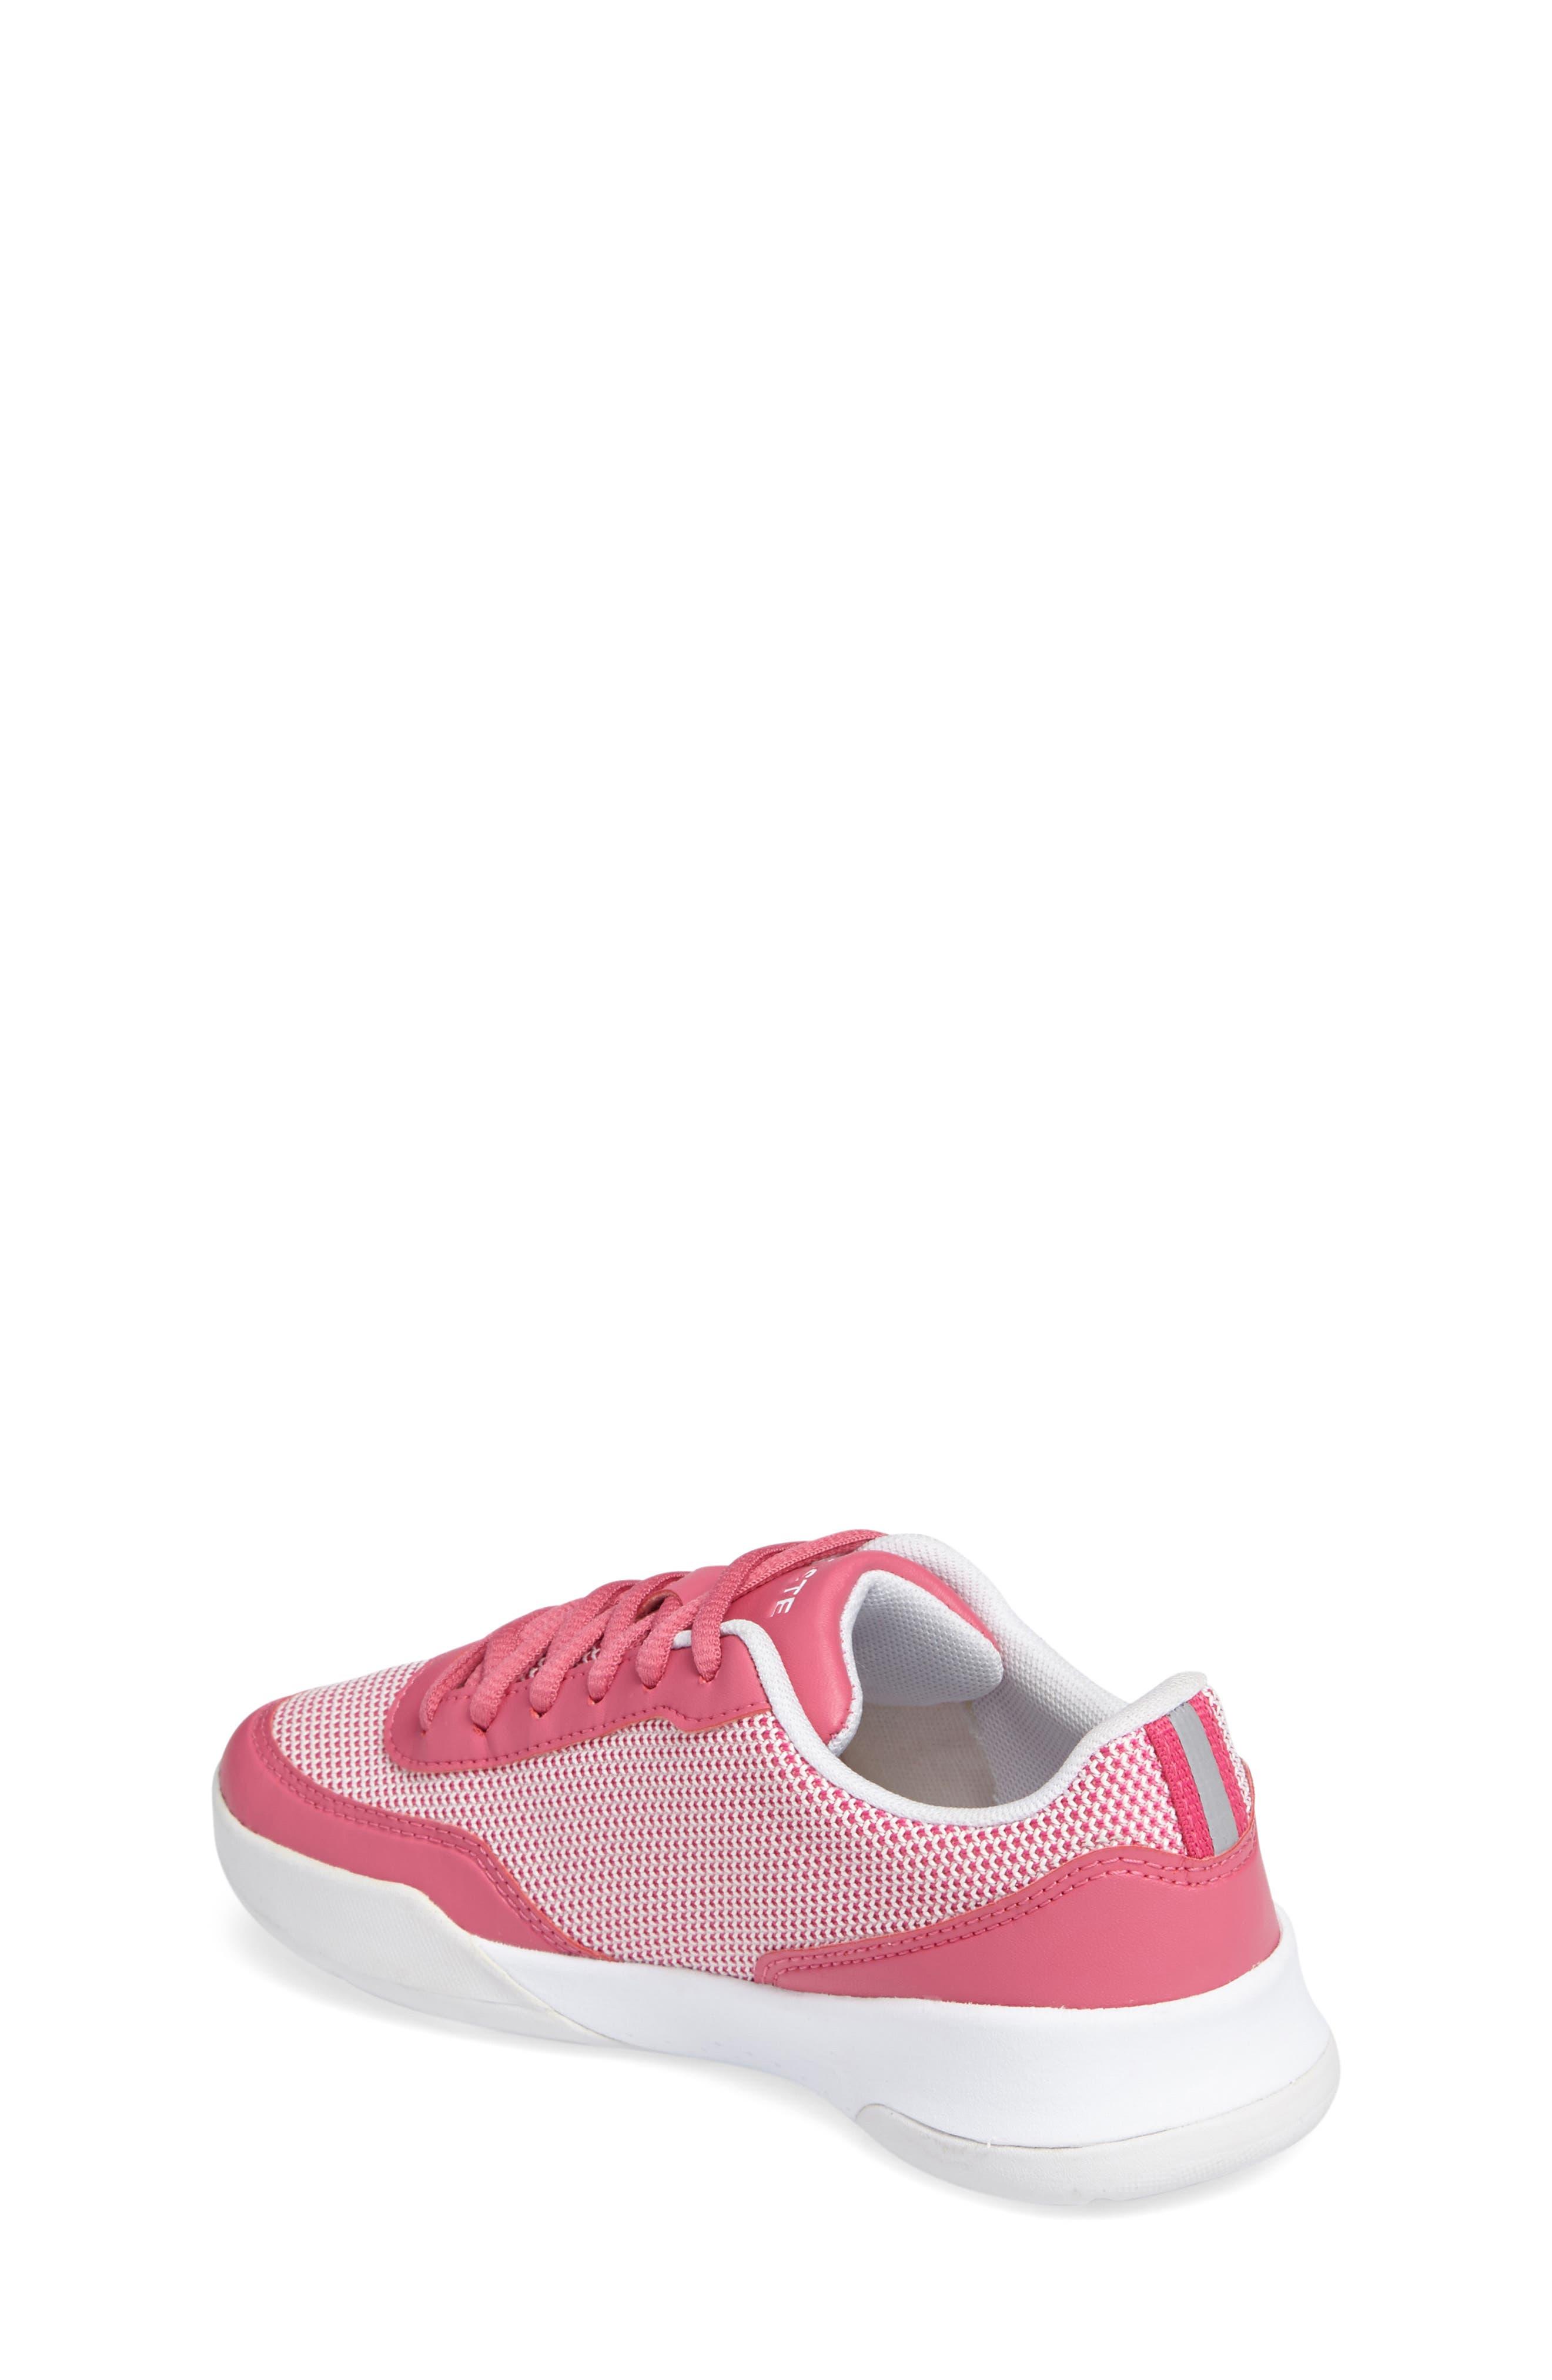 LT Spirit Woven Sneaker,                             Alternate thumbnail 2, color,                             Pink/ White